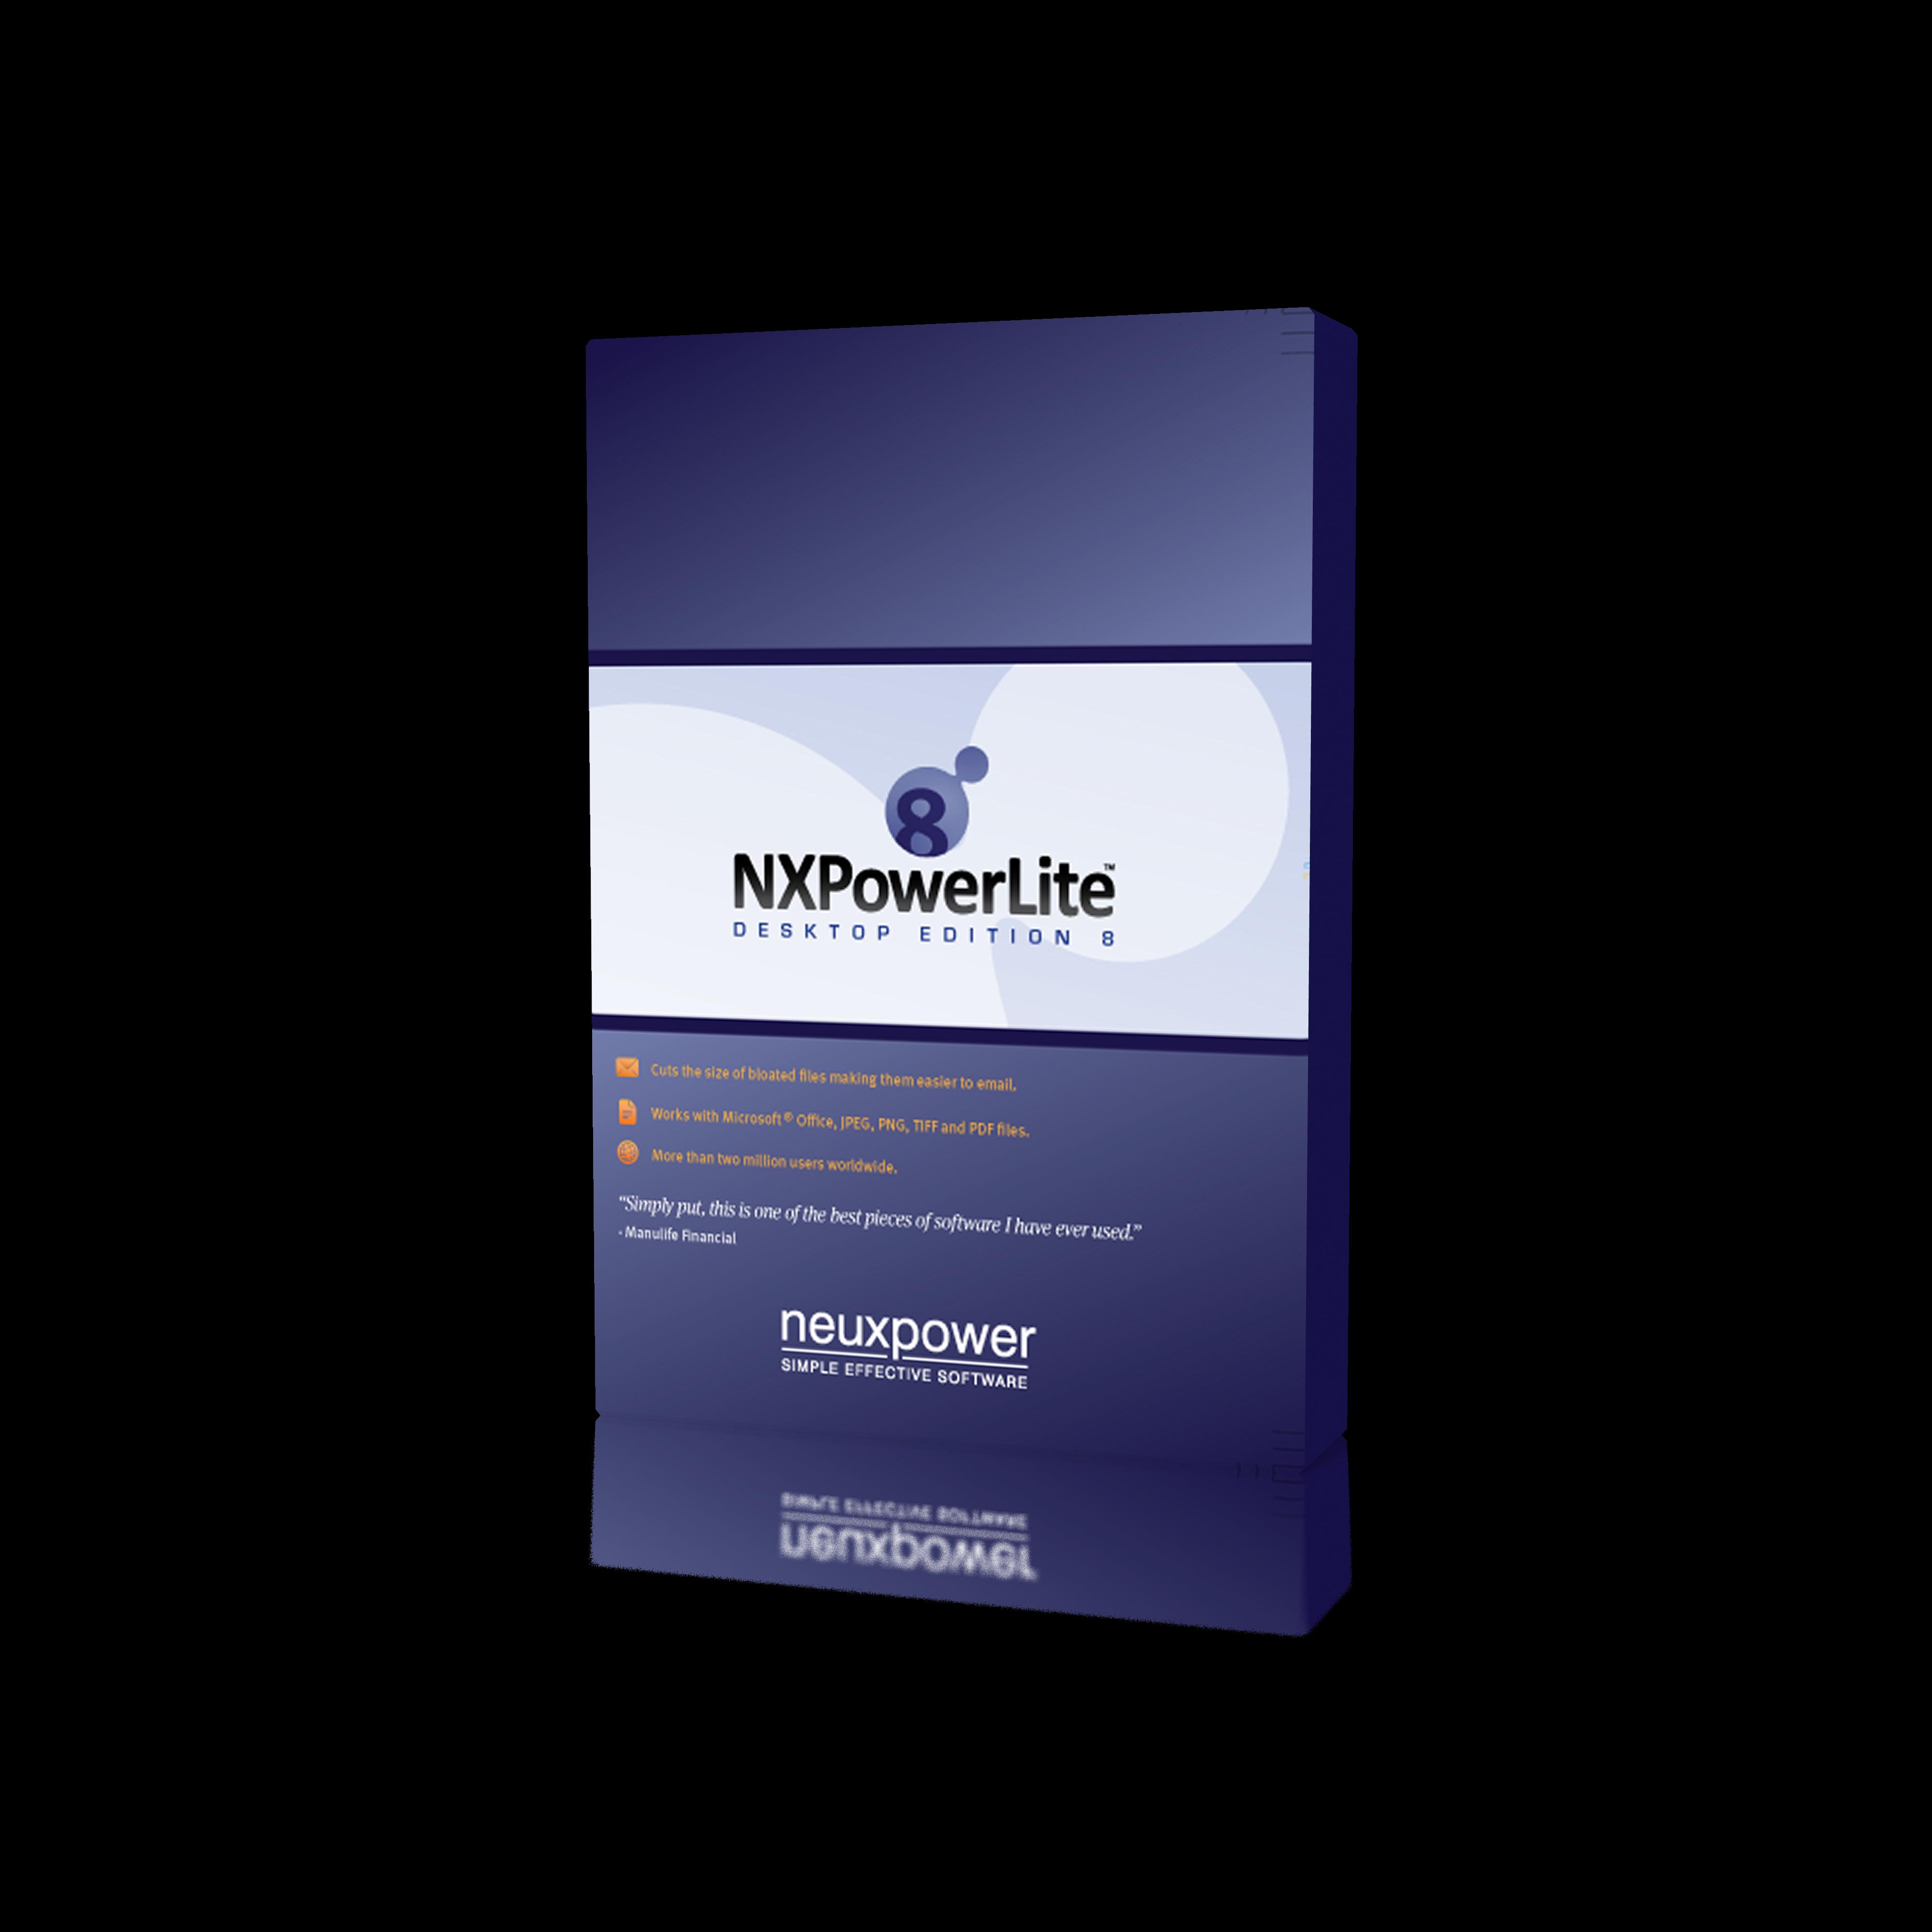 NXPowerLite Desktop (Windows).